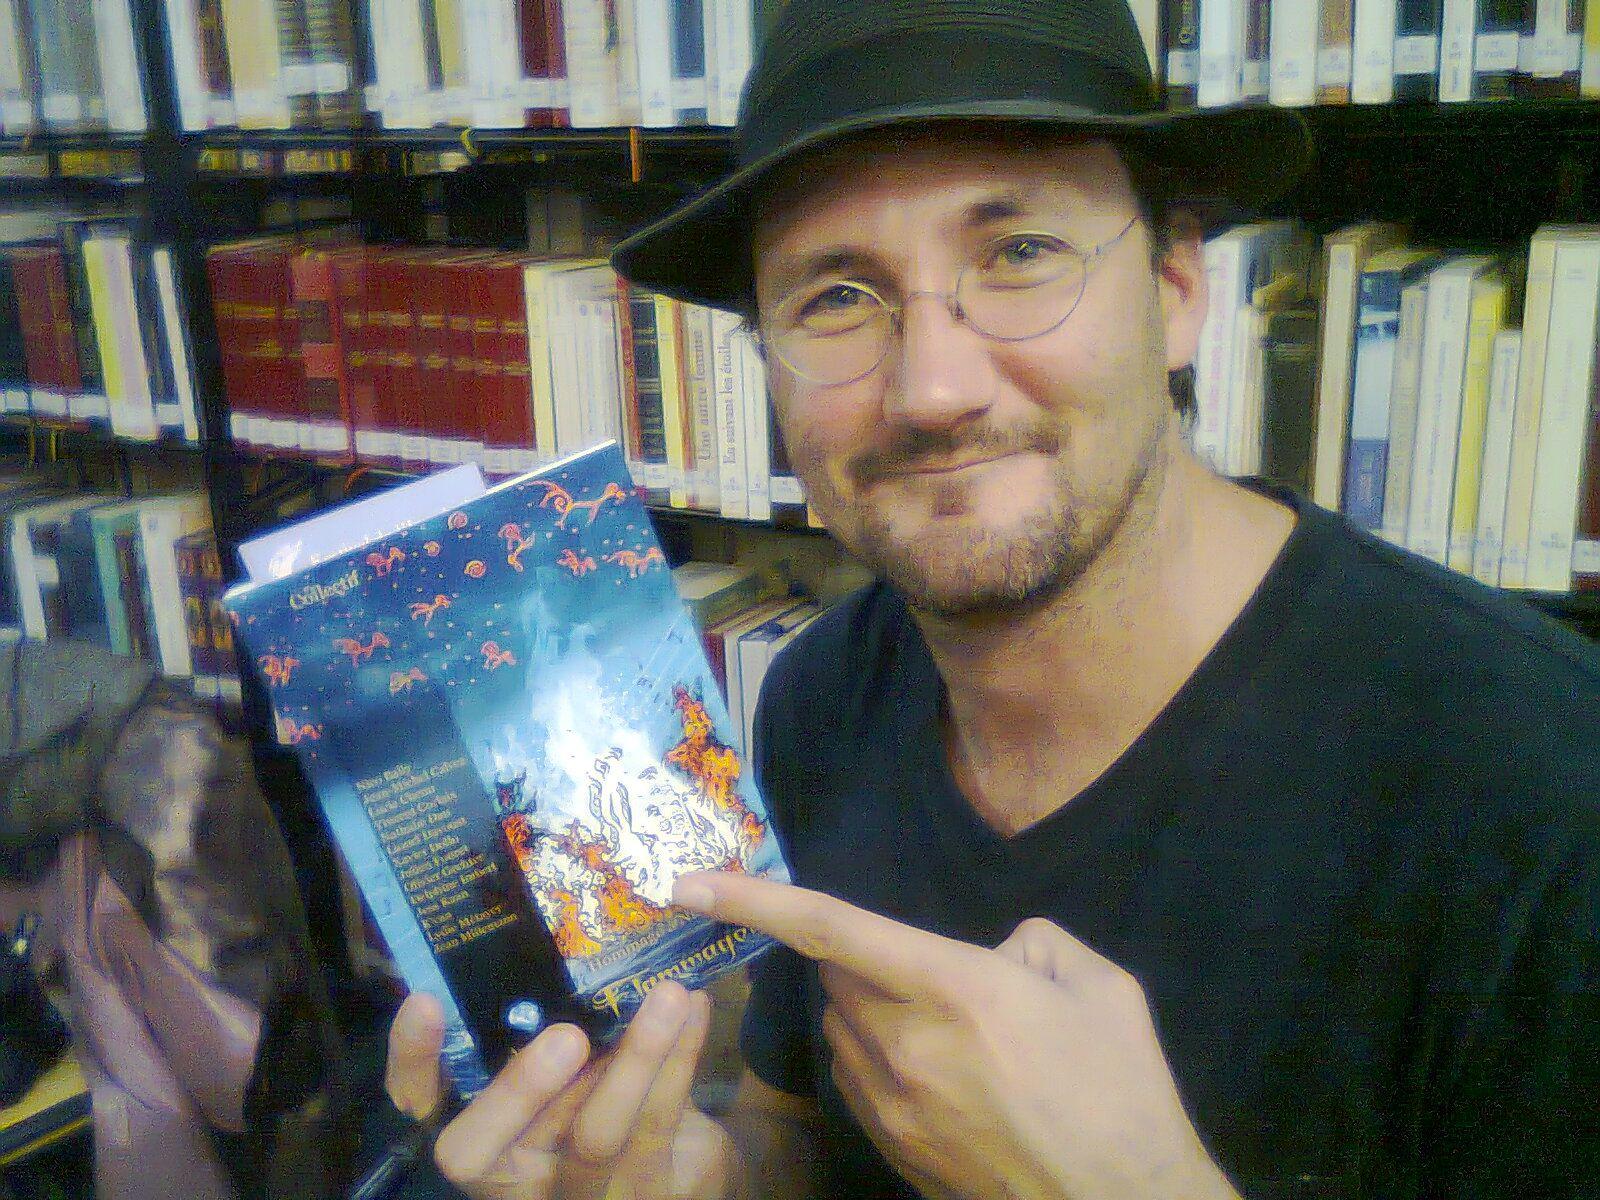 L'auteur, posant fièrement avec son oeuvre.